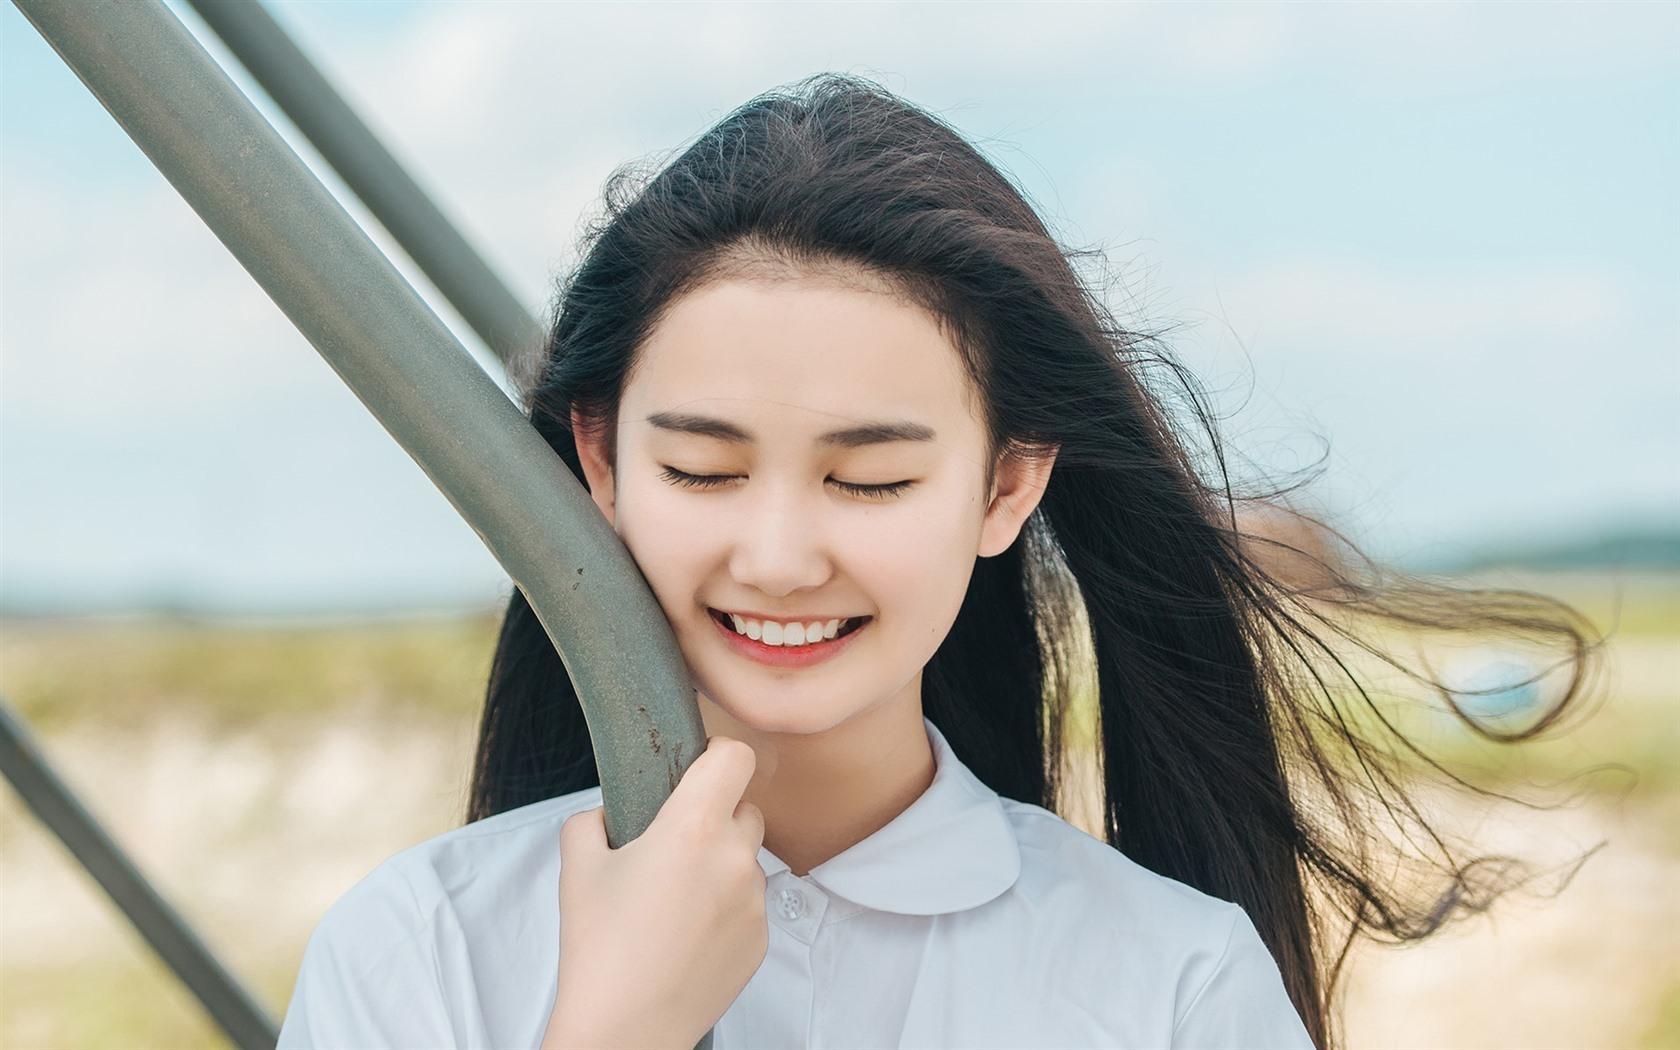 傲皇-玄幻奇幻小说-主角: 武焚, 武殊词